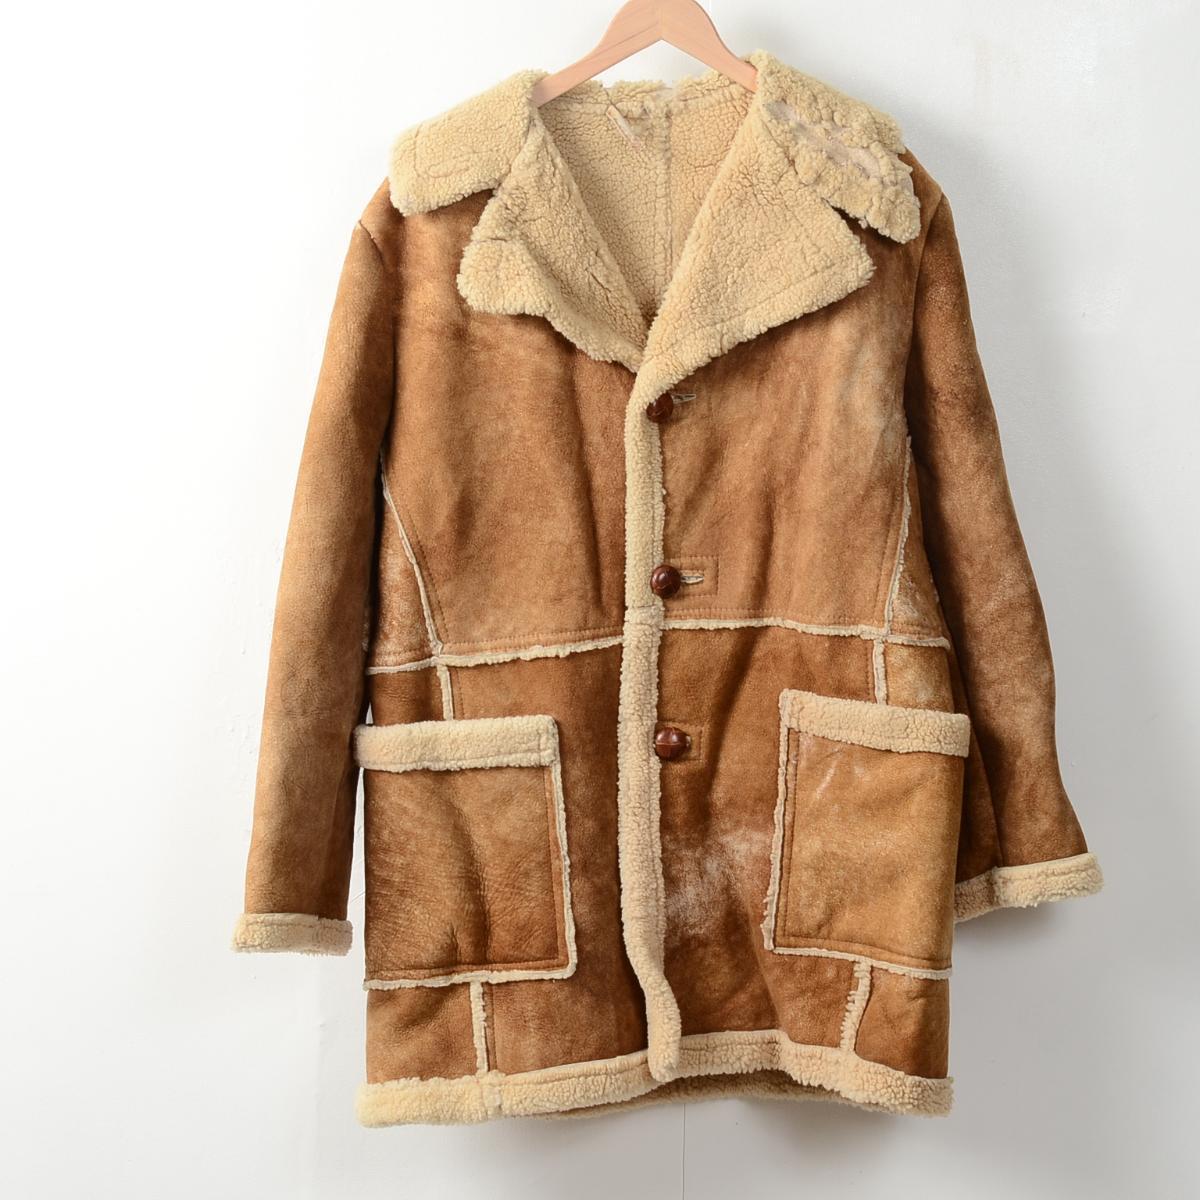 VINTAGE CLOTHING JAM TRADING | Rakuten Global Market: Vintage